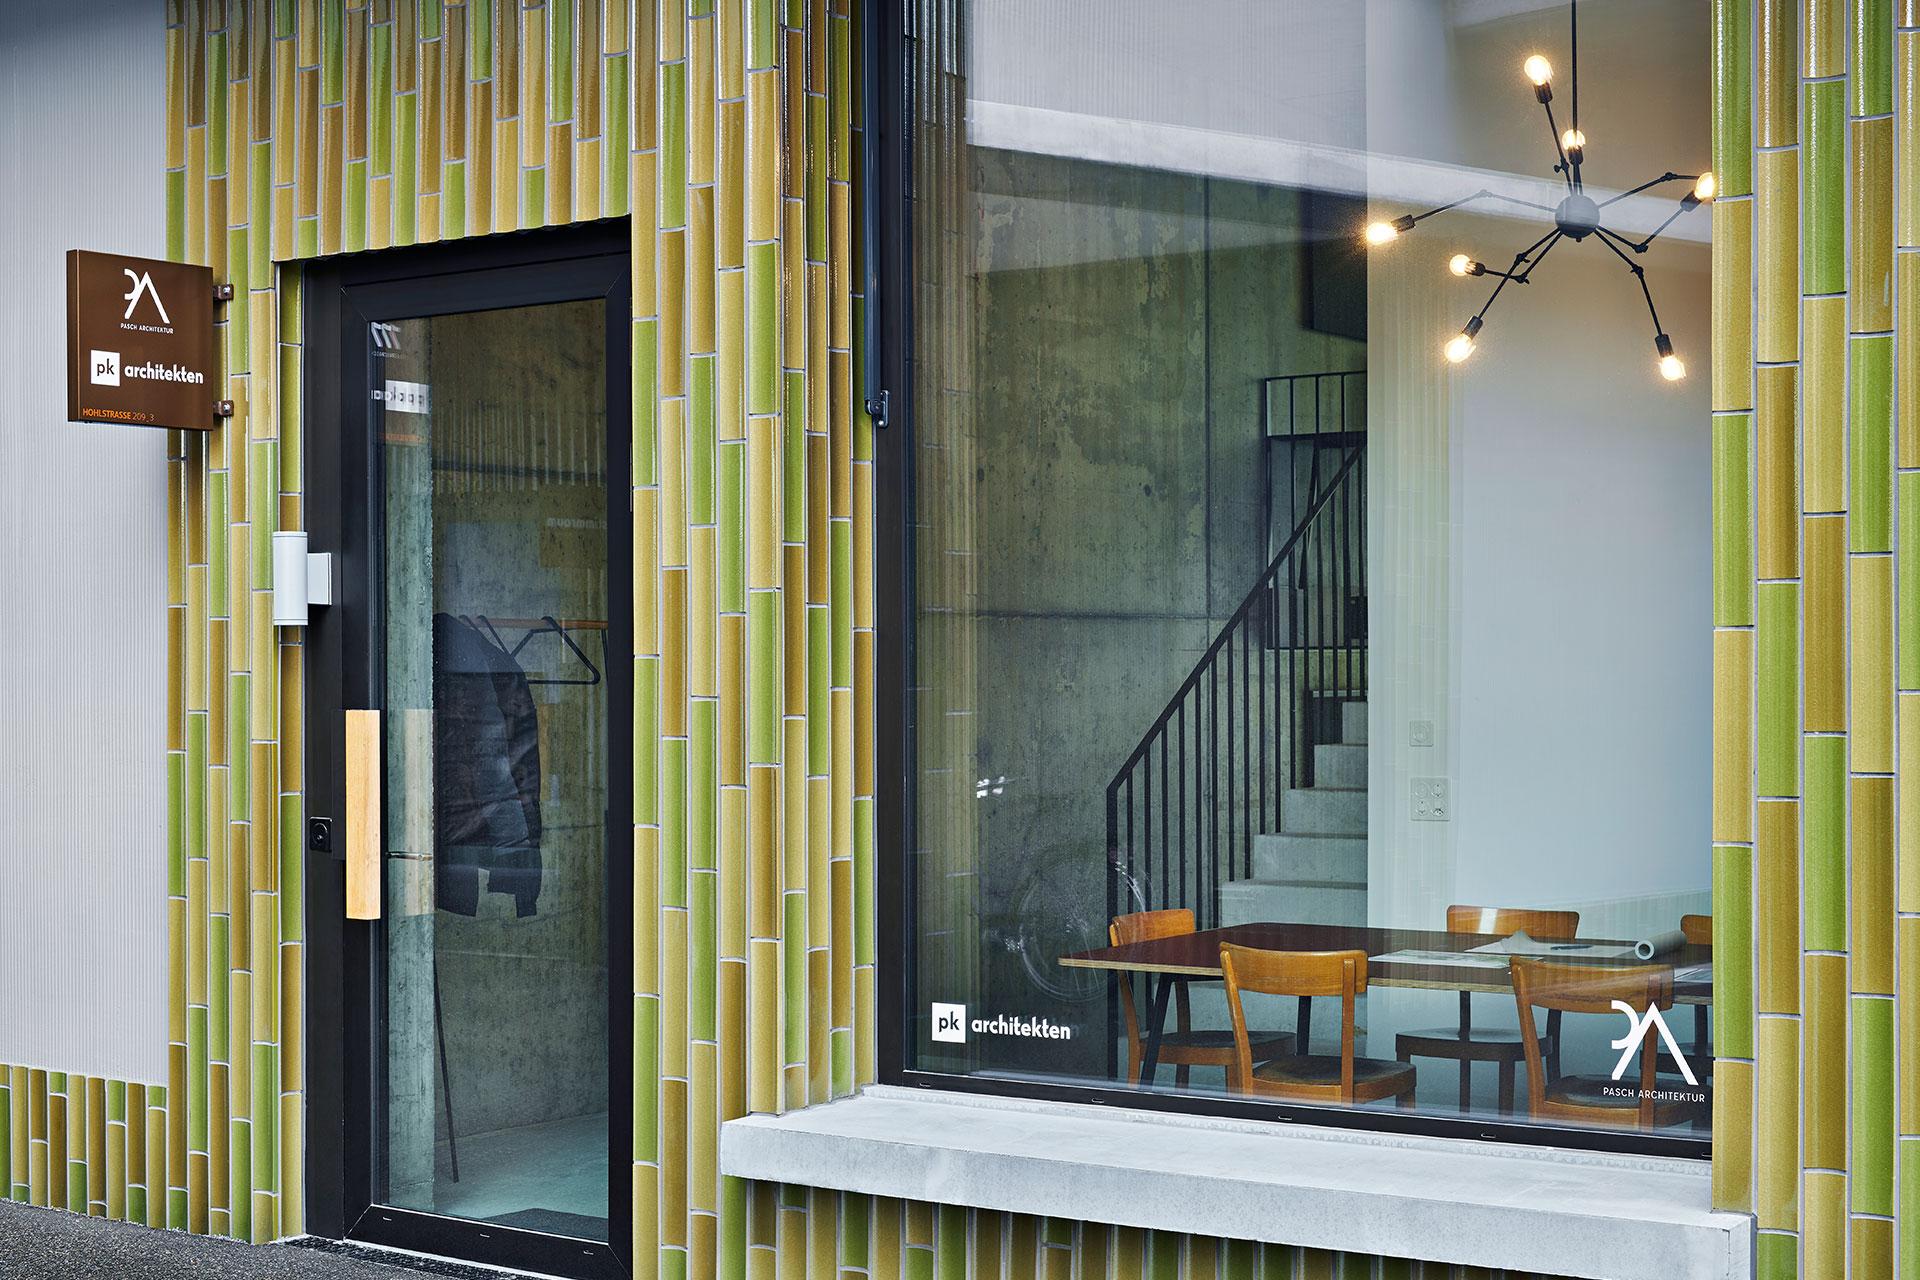 Pfister Klingenfuss Architekten, Kontakt, Zürich, Eingang